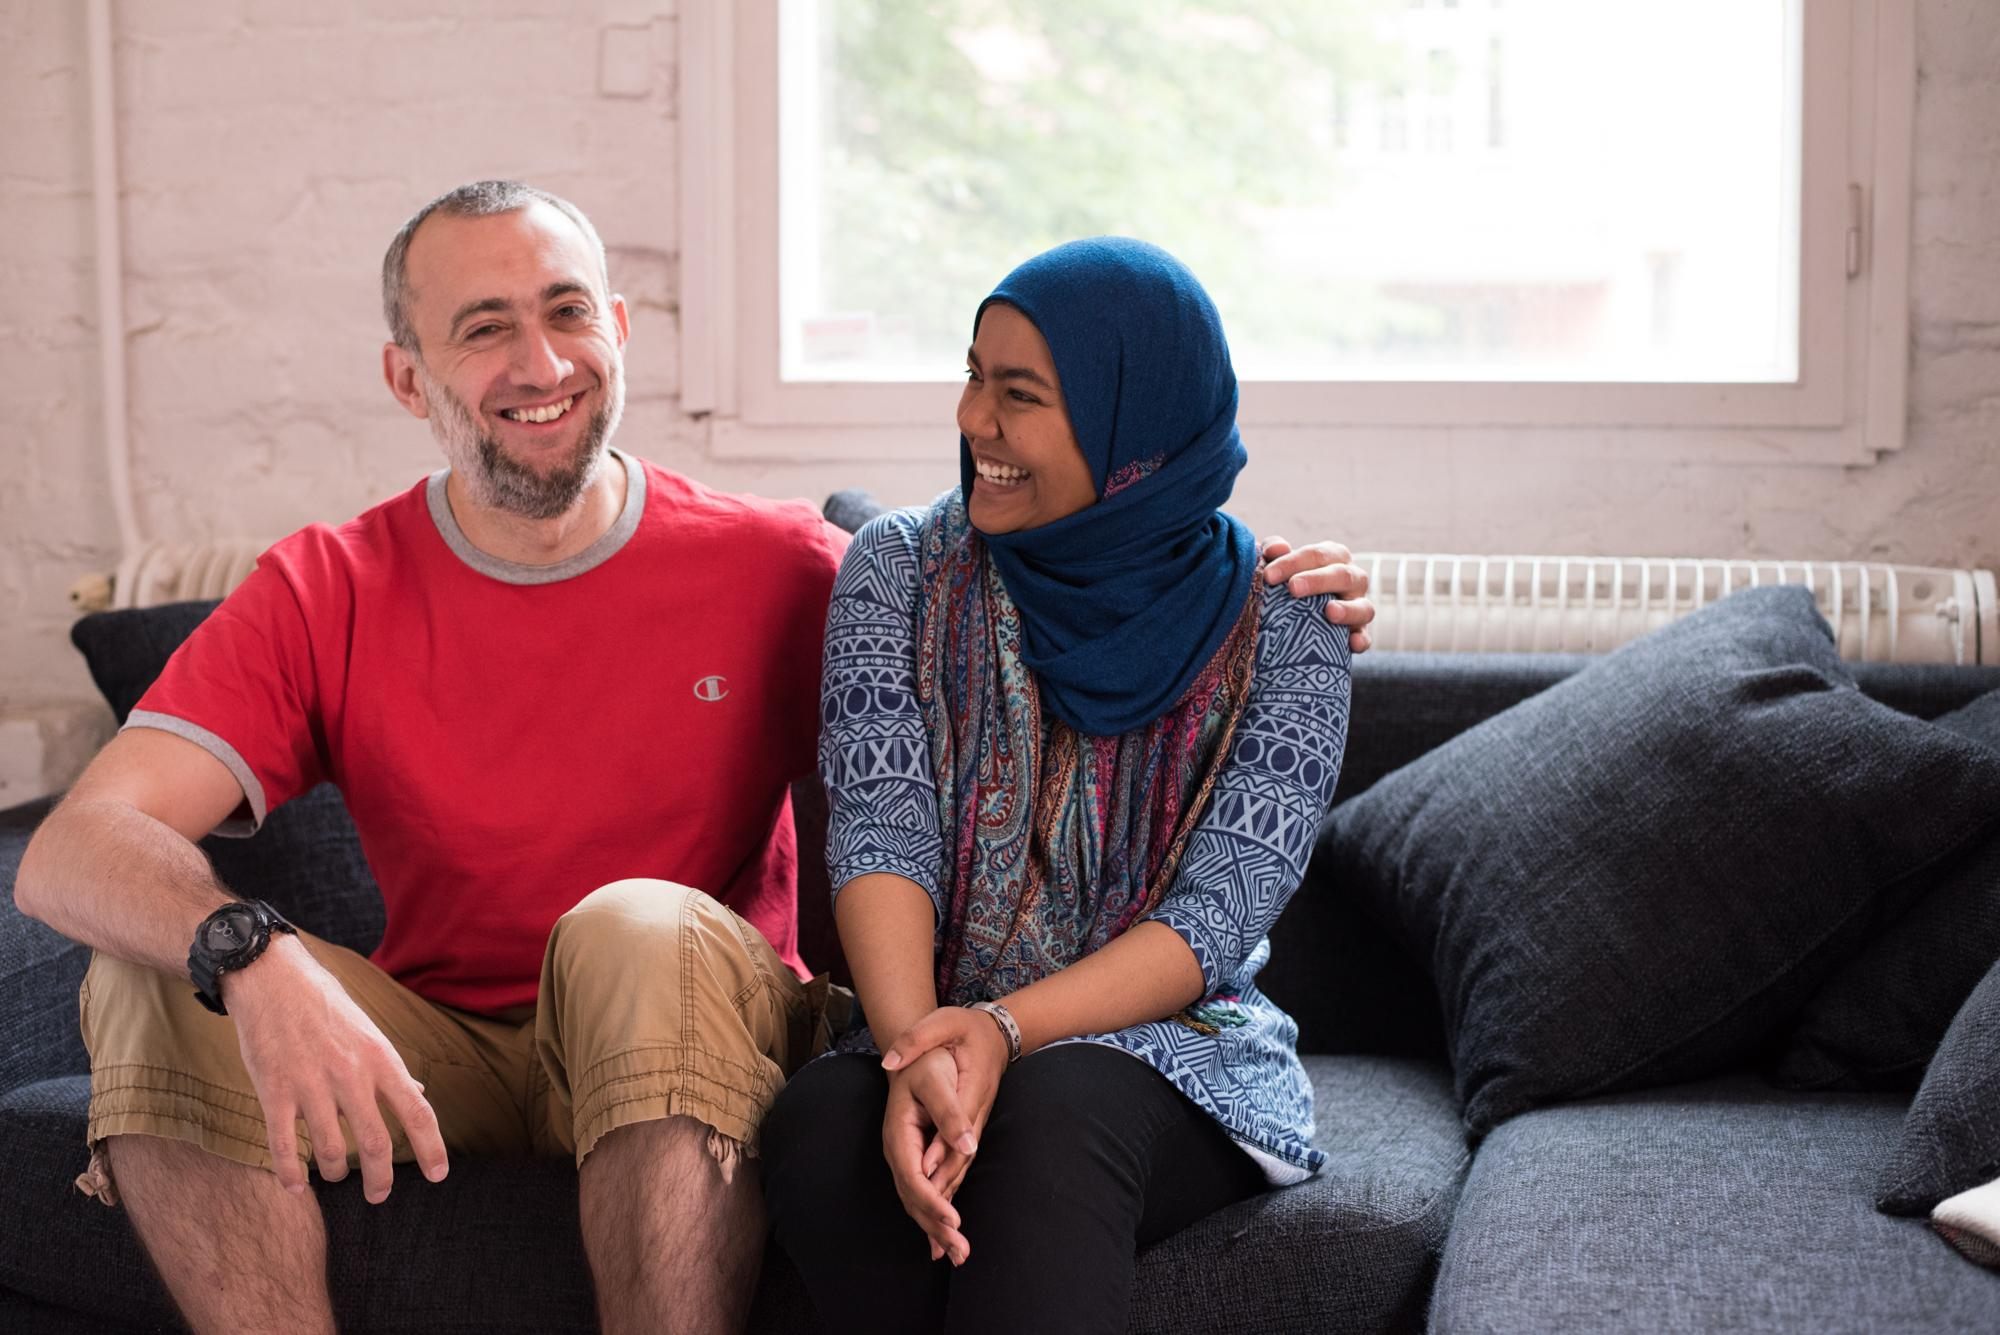 Kaksi henkilöä istuvat sohvalla ja nauravat yhdessä.